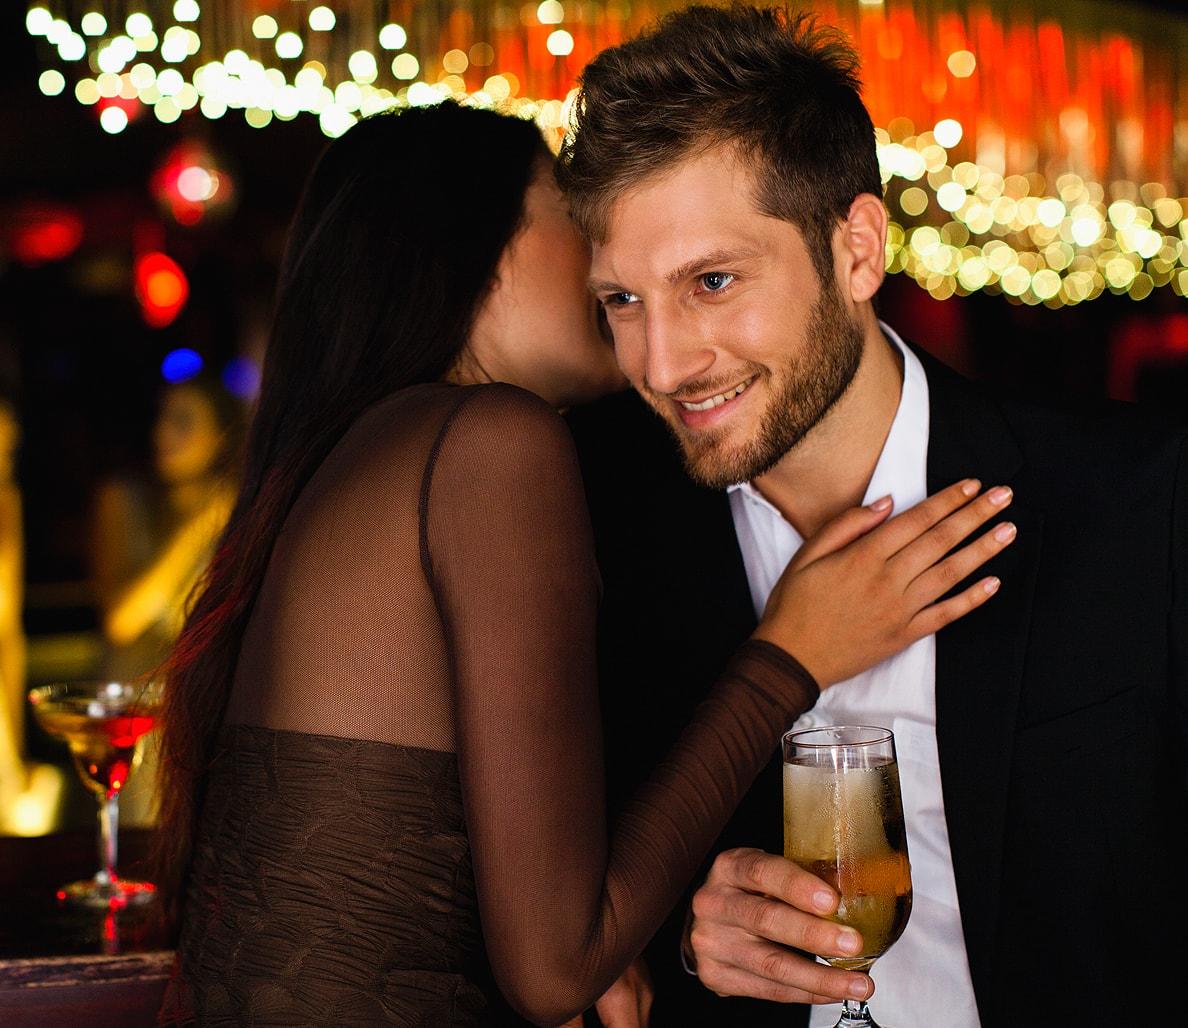 10 híresség, akik randiznak sokkal idősebb fiúkkal lehetővé teszi az összekapcsolást